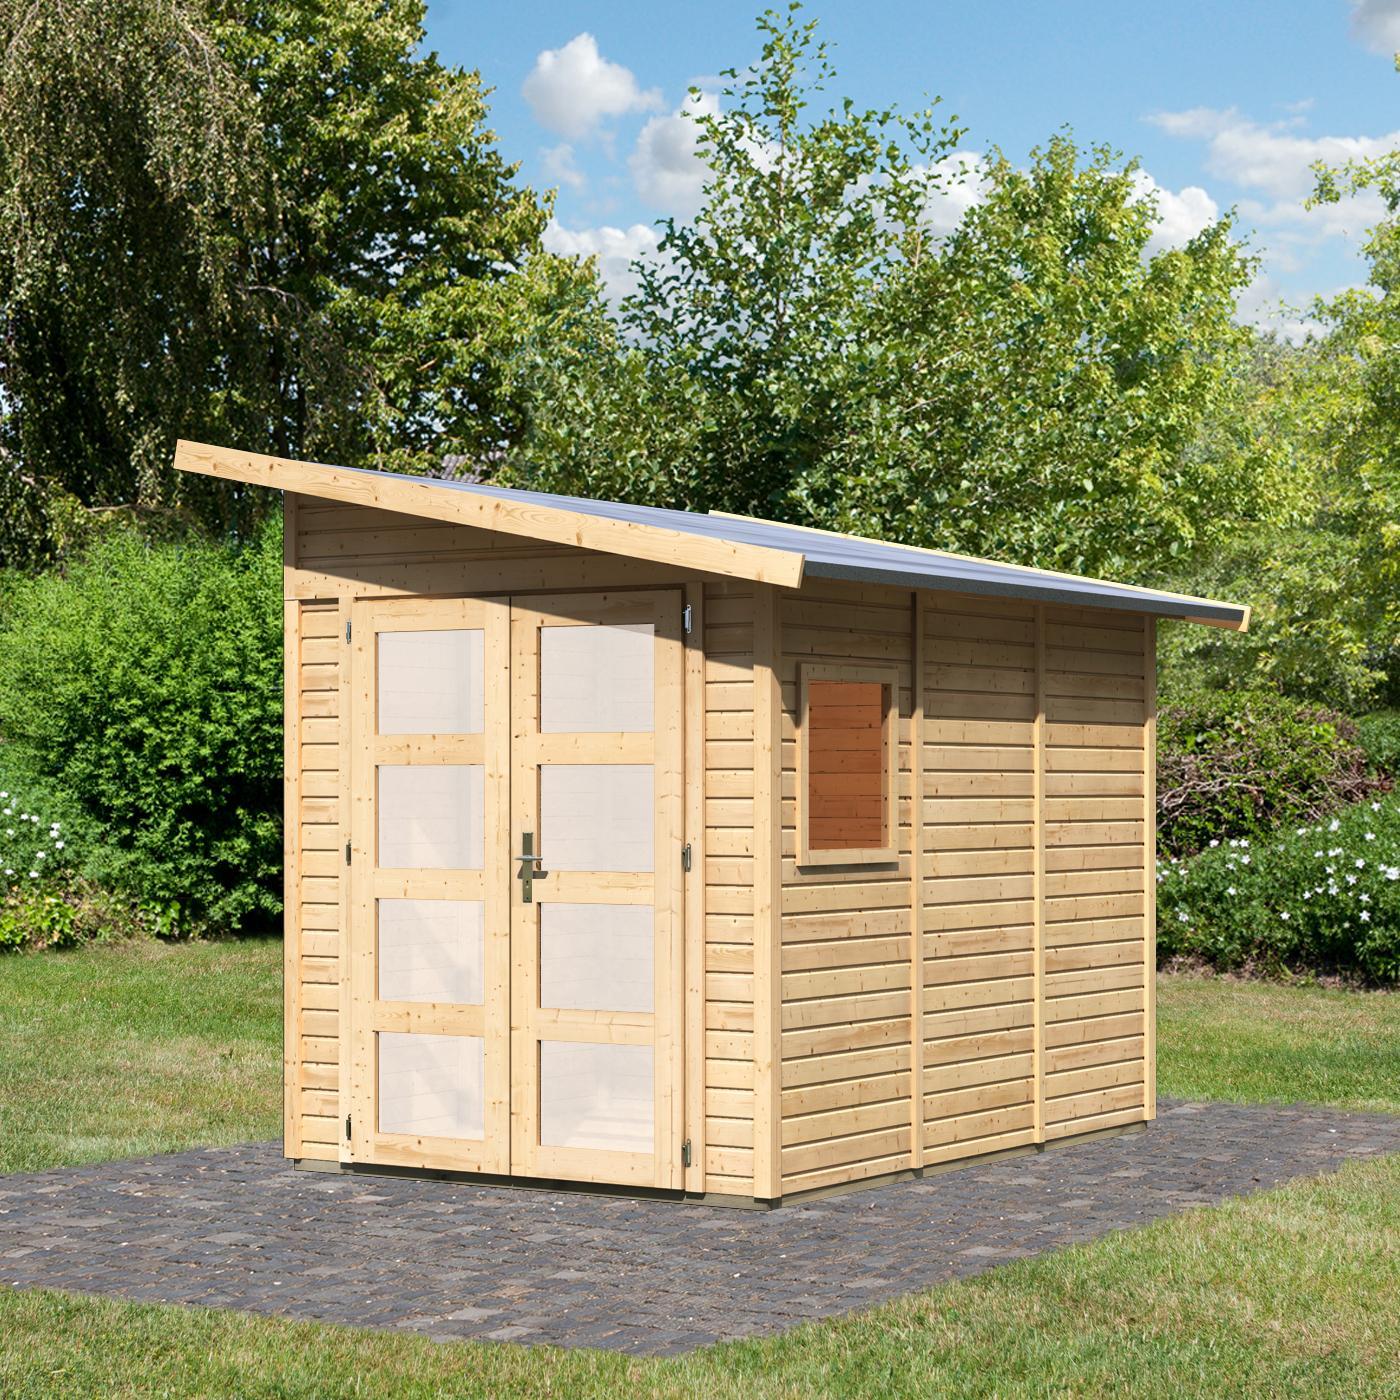 abri de jardin castorama lescar abri de jardin et. Black Bedroom Furniture Sets. Home Design Ideas